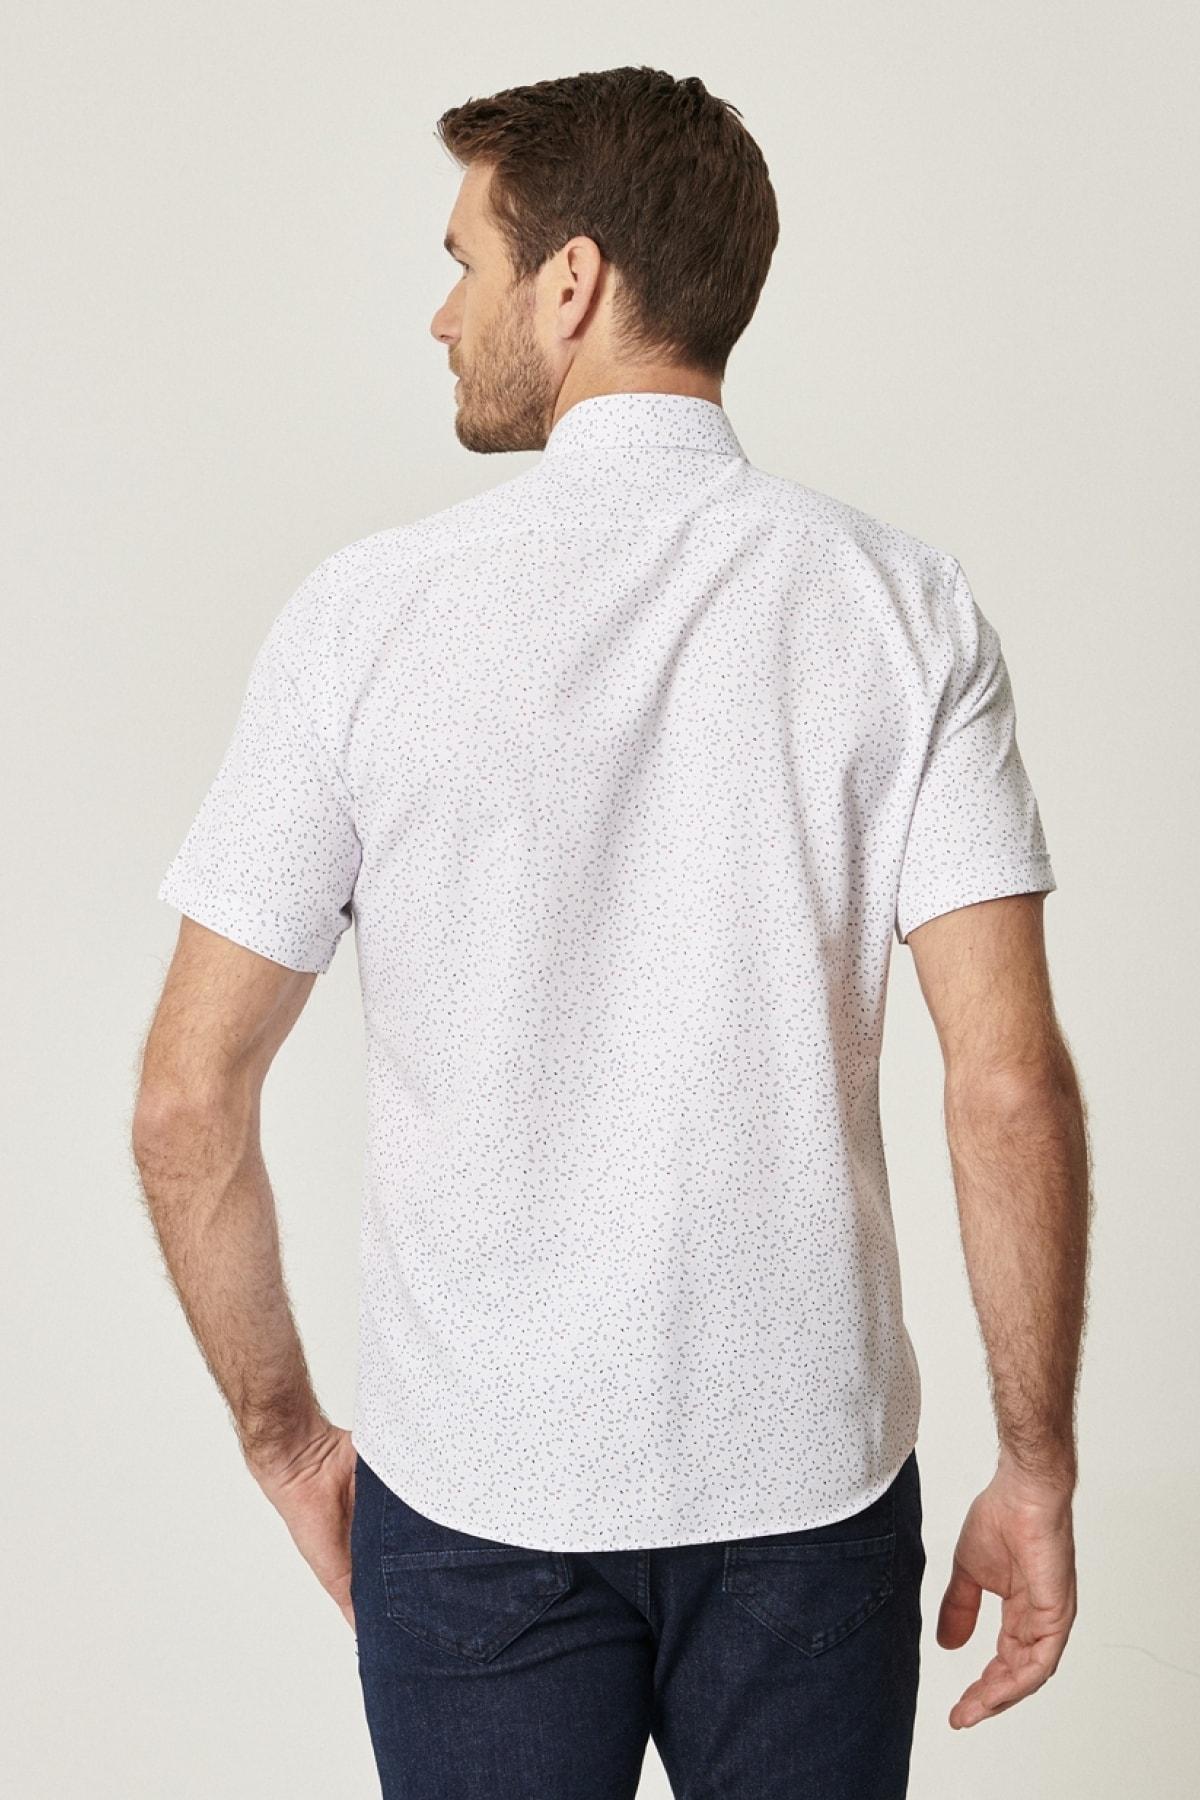 Altınyıldız Classics Erkek Beyaz-Lacivert Tailored Slim Fit Kısa Kollu Gömlek